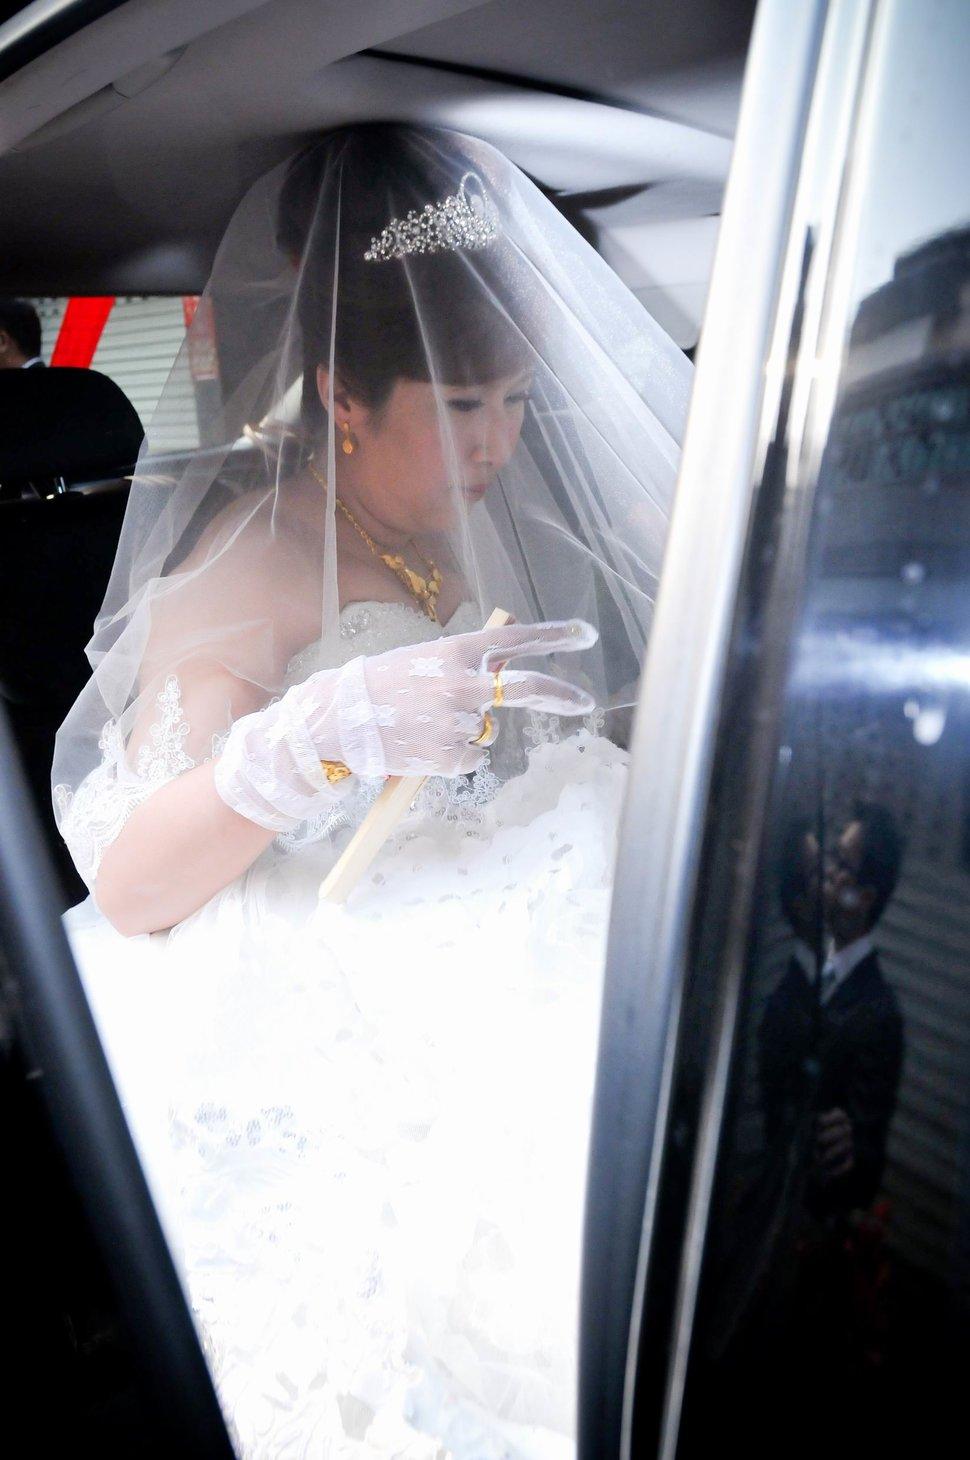 專業婚攝婚禮紀錄婚禮紀錄專業錄影婚禮錄影婚禮記錄動態微電影錄影專業錄影平面攝影婚攝婚禮主持人(編號:280444) - 蜜月拍照10800錄影12800攝影團隊 - 結婚吧